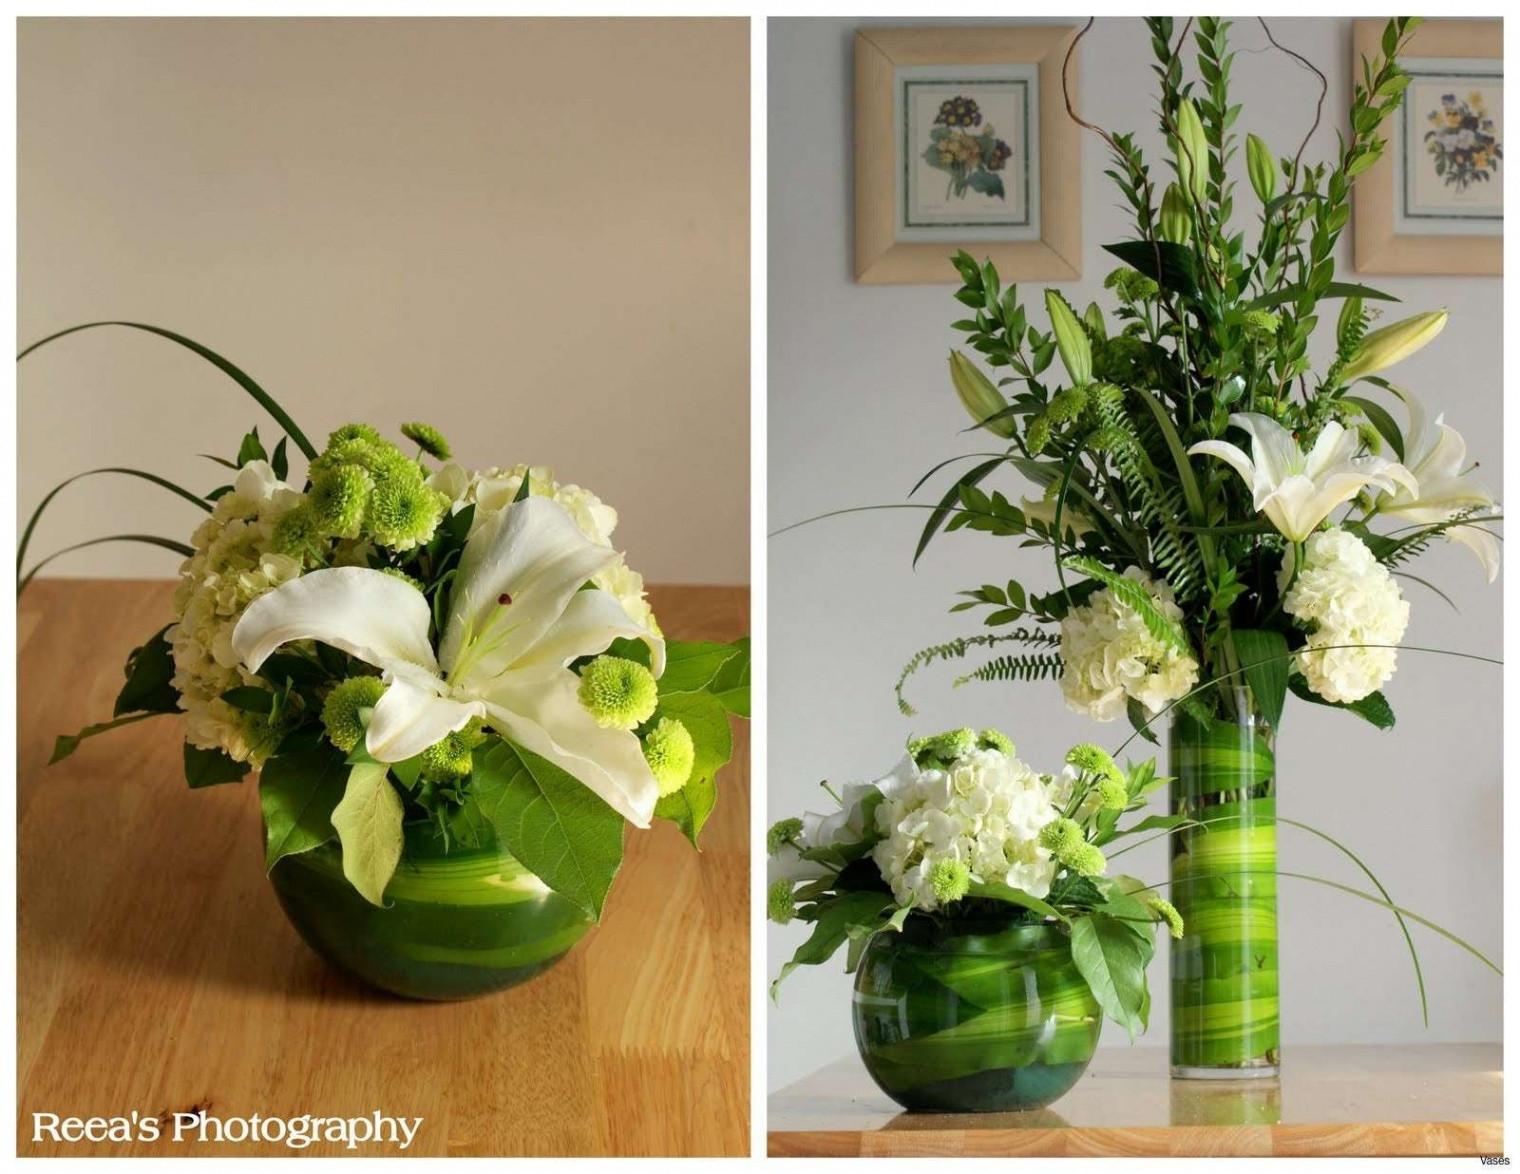 diy wall mounted vase of h vases wall hanging flower vase newspaper i 0d scheme wall scheme within image de h vases for flower arrangements i 0d dry inspiration picture design vase